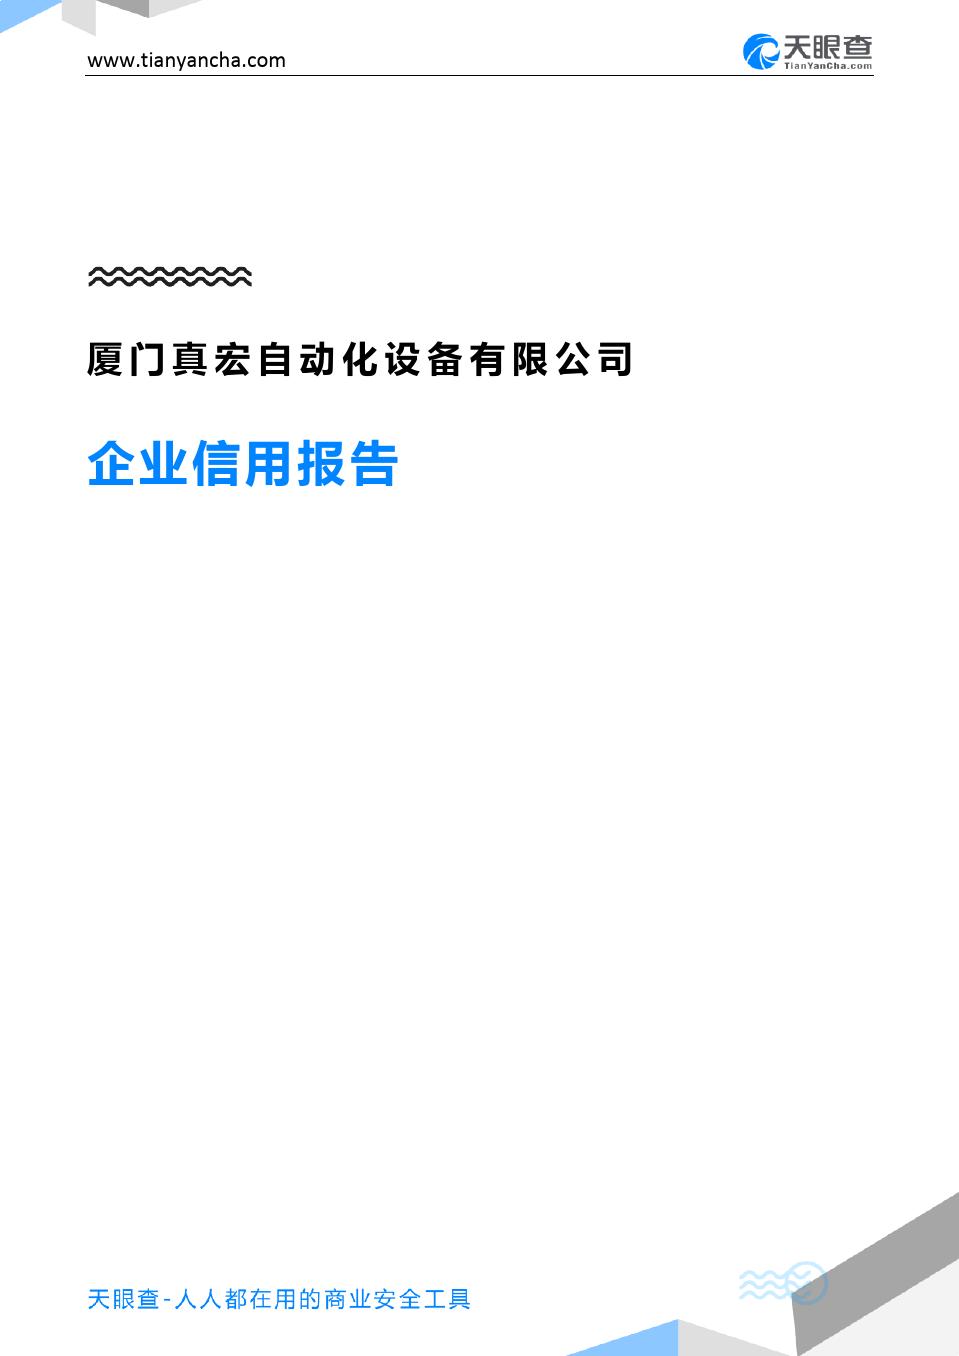 厦门真宏自动化设备有限公司(企业信用报告)- 天眼查